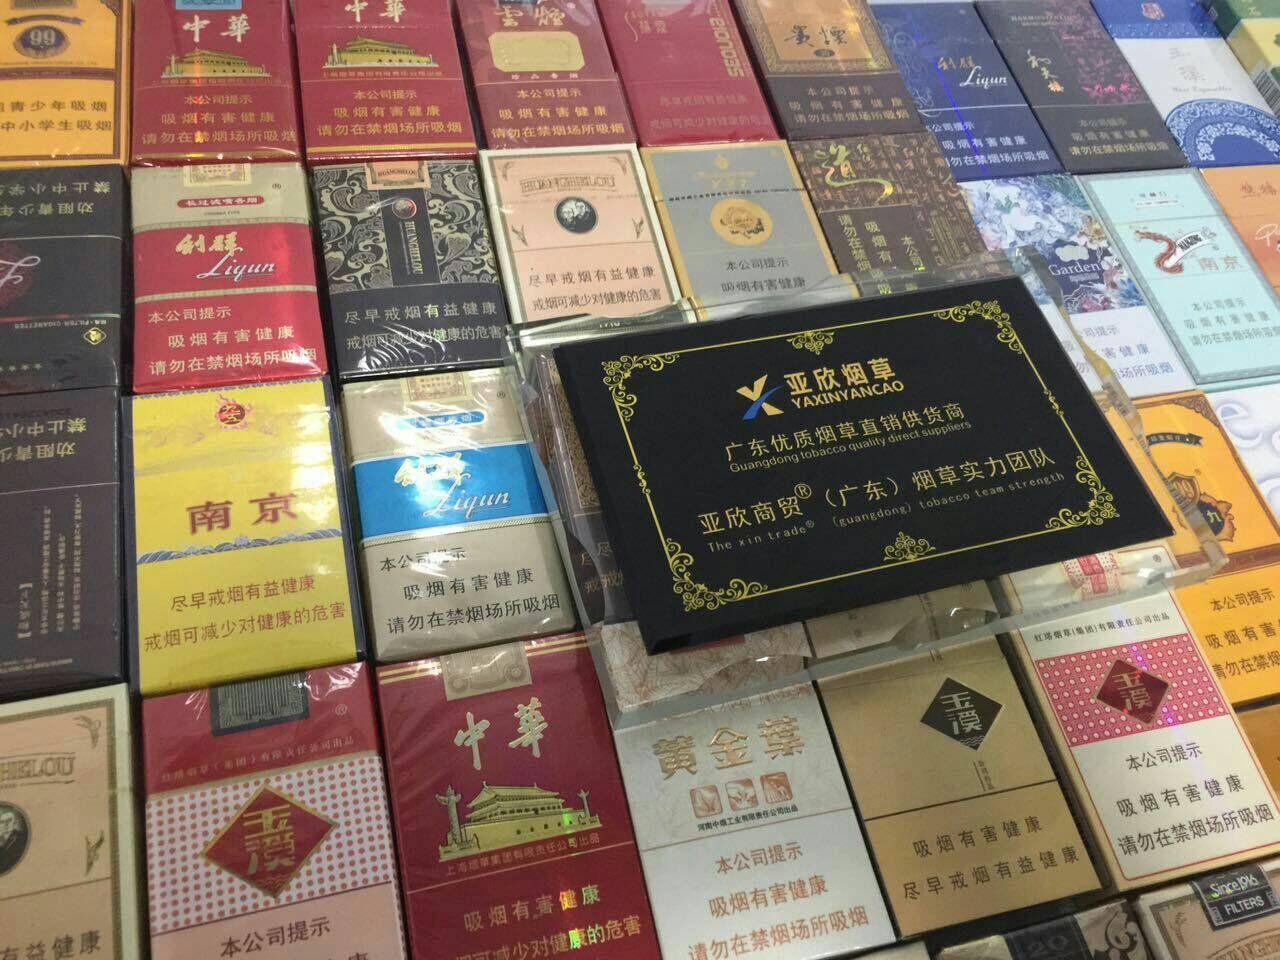 这是第1张亚欣商贸香烟稳定供货找货源就找亚欣商贸的货源图片